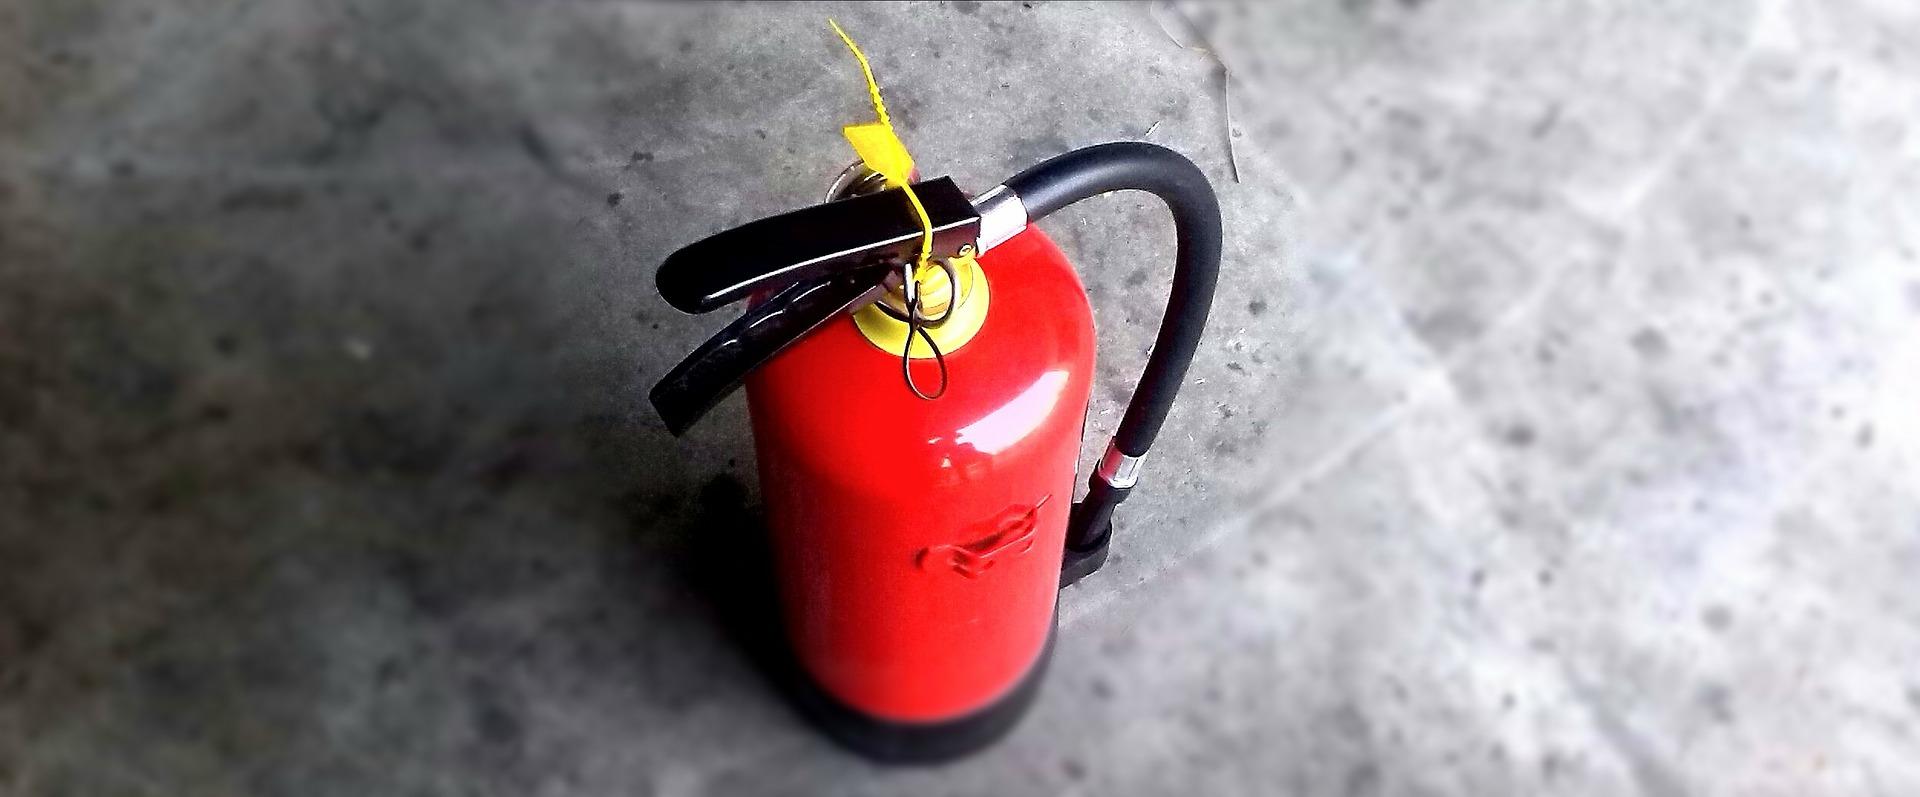 Addetto alla prevenzione incendi e lotta antincendio nelle aziende a rischio basso 03/06/2020